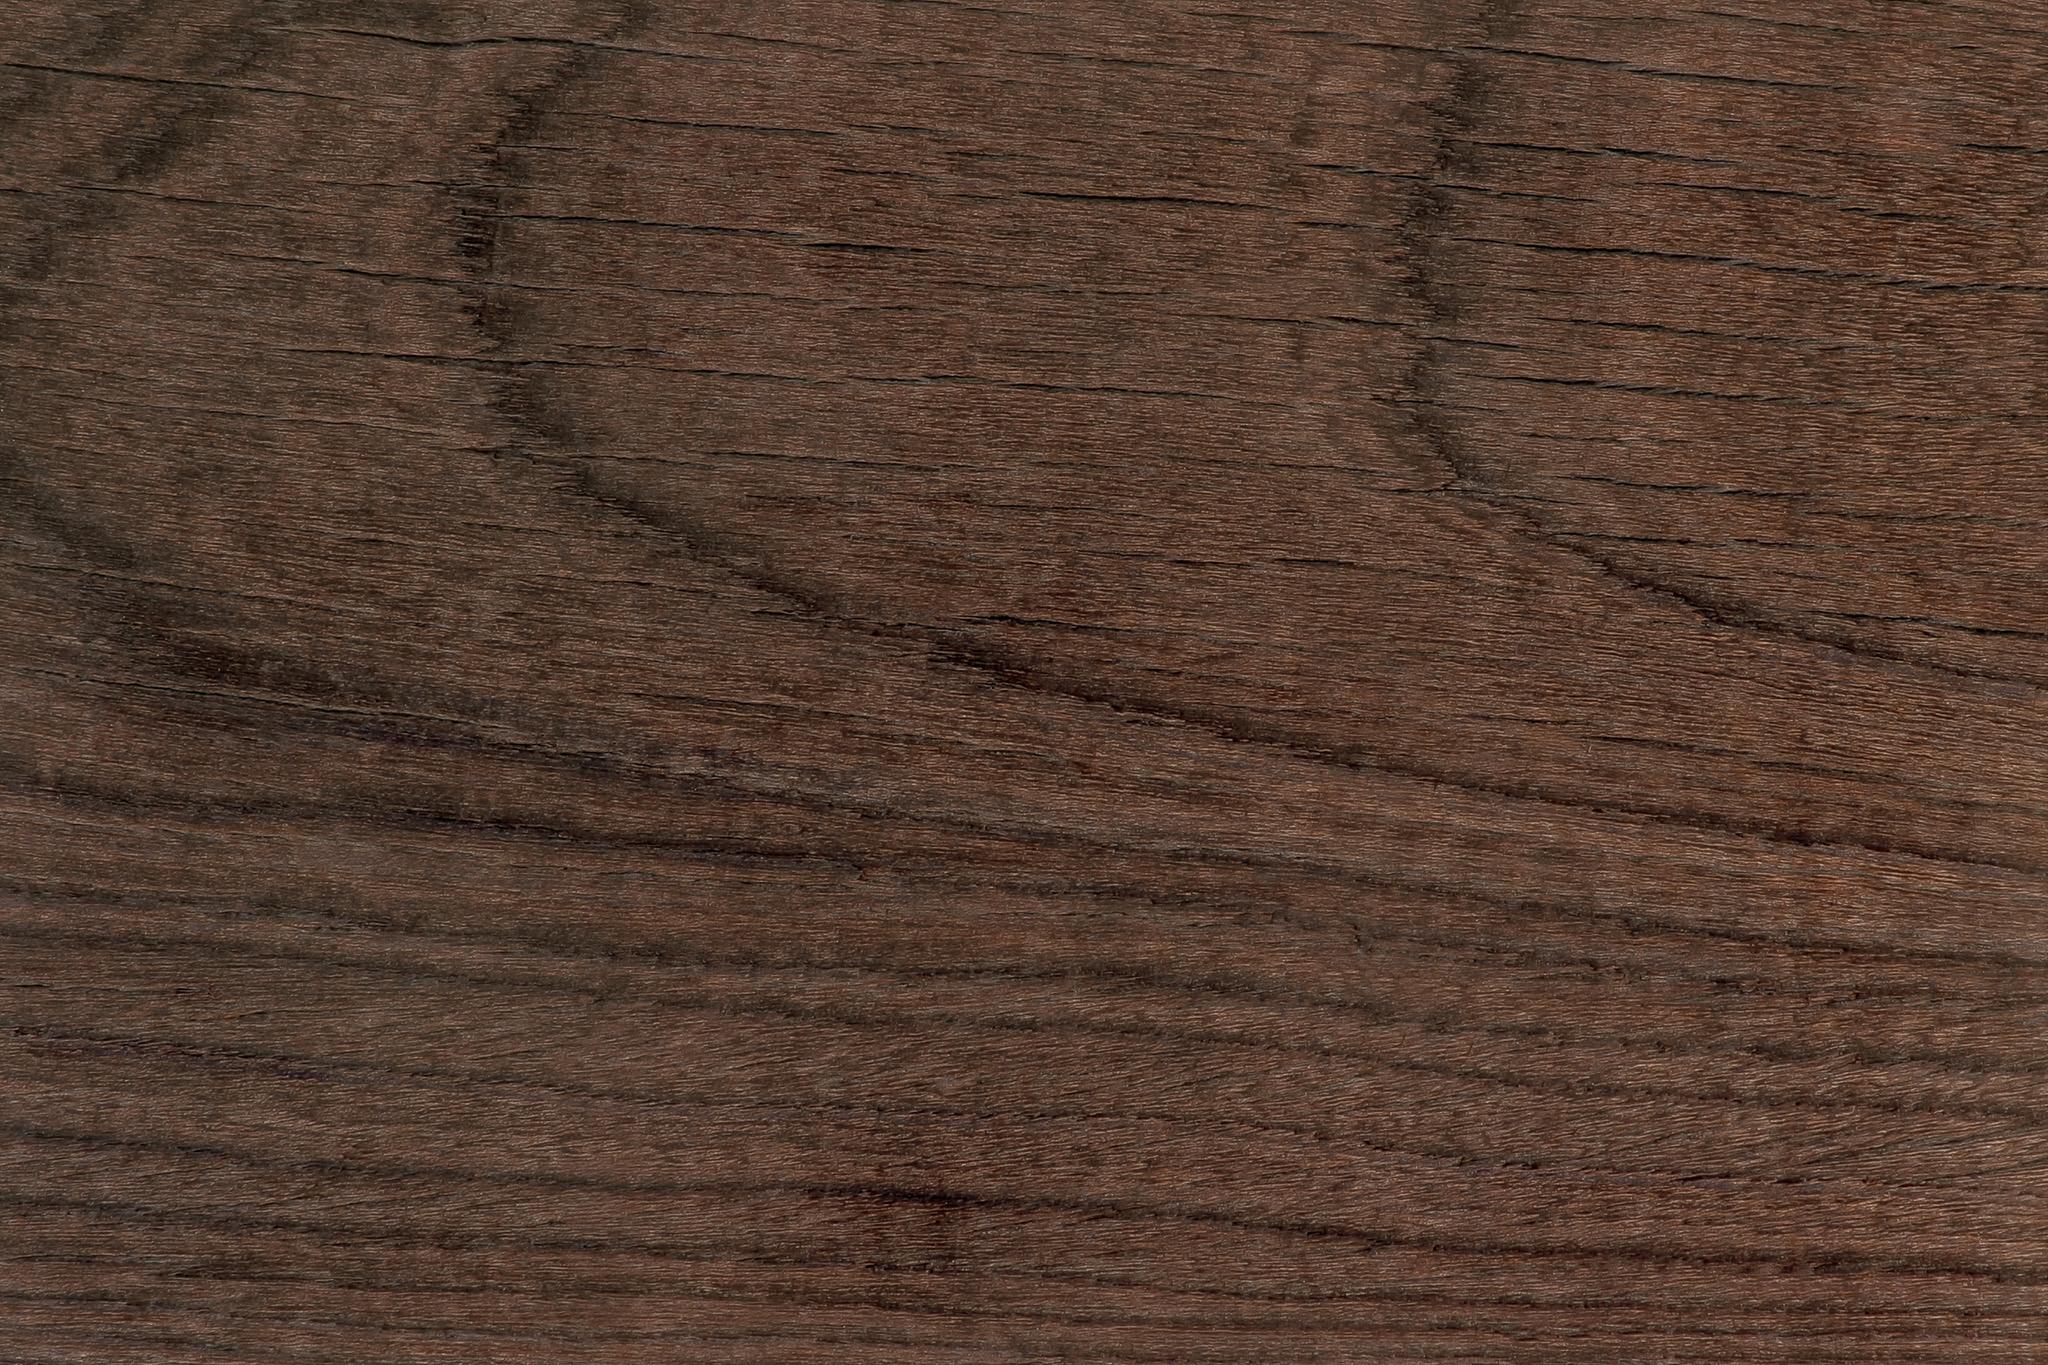 「乾燥した焦げ茶色の木目背景」の素材を無料ダウンロード